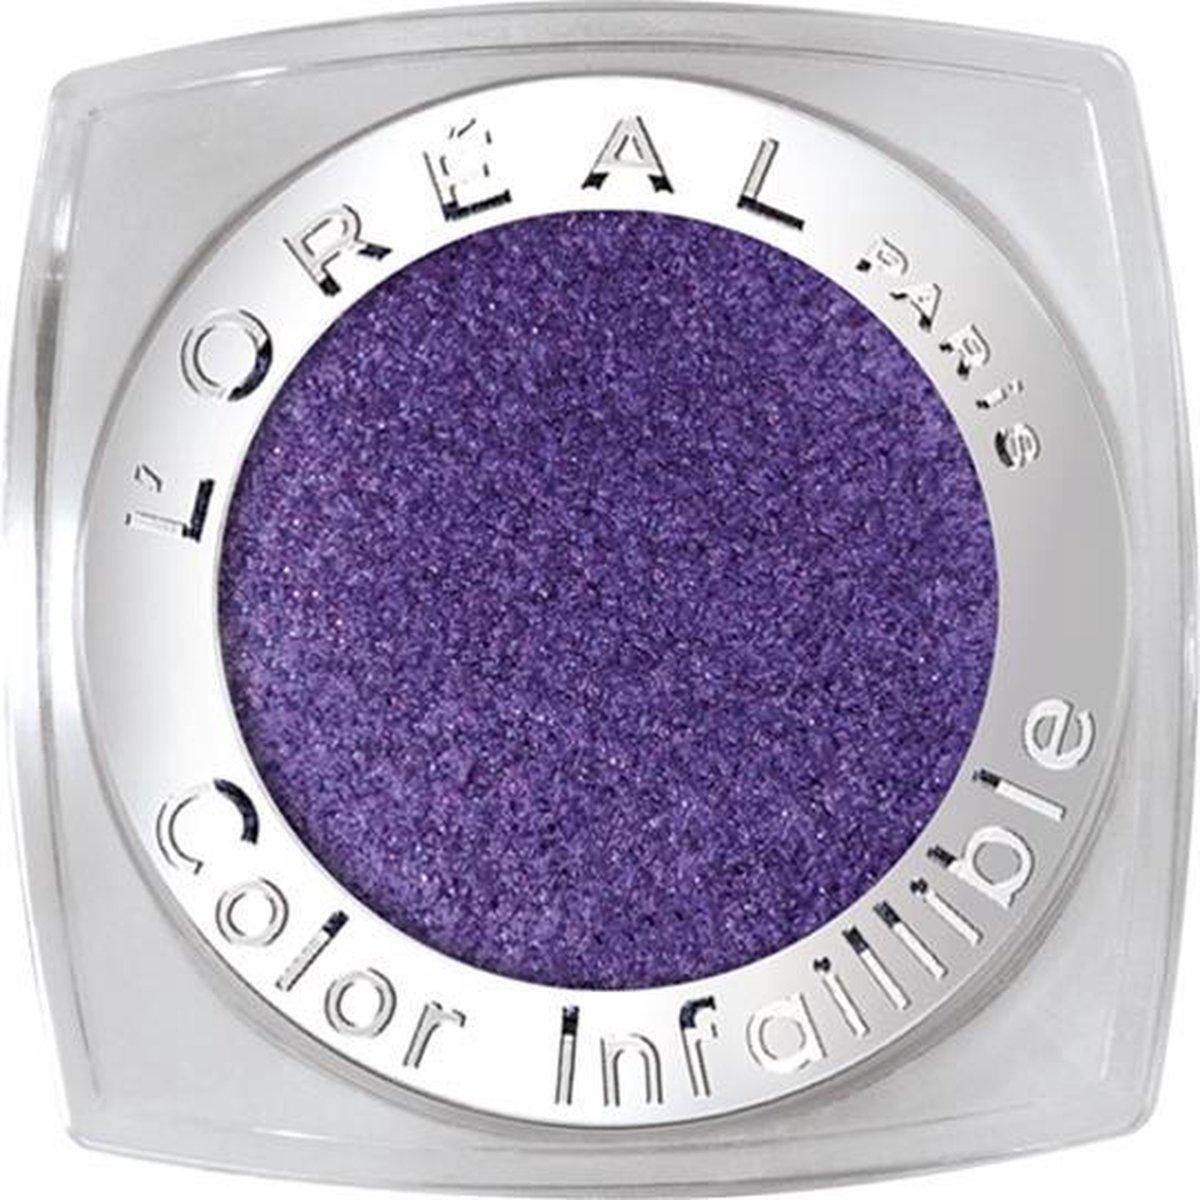 L'Oréal Paris Color Infallible - 005 Purple Obsession - Oogschaduw - L'Oréal Paris